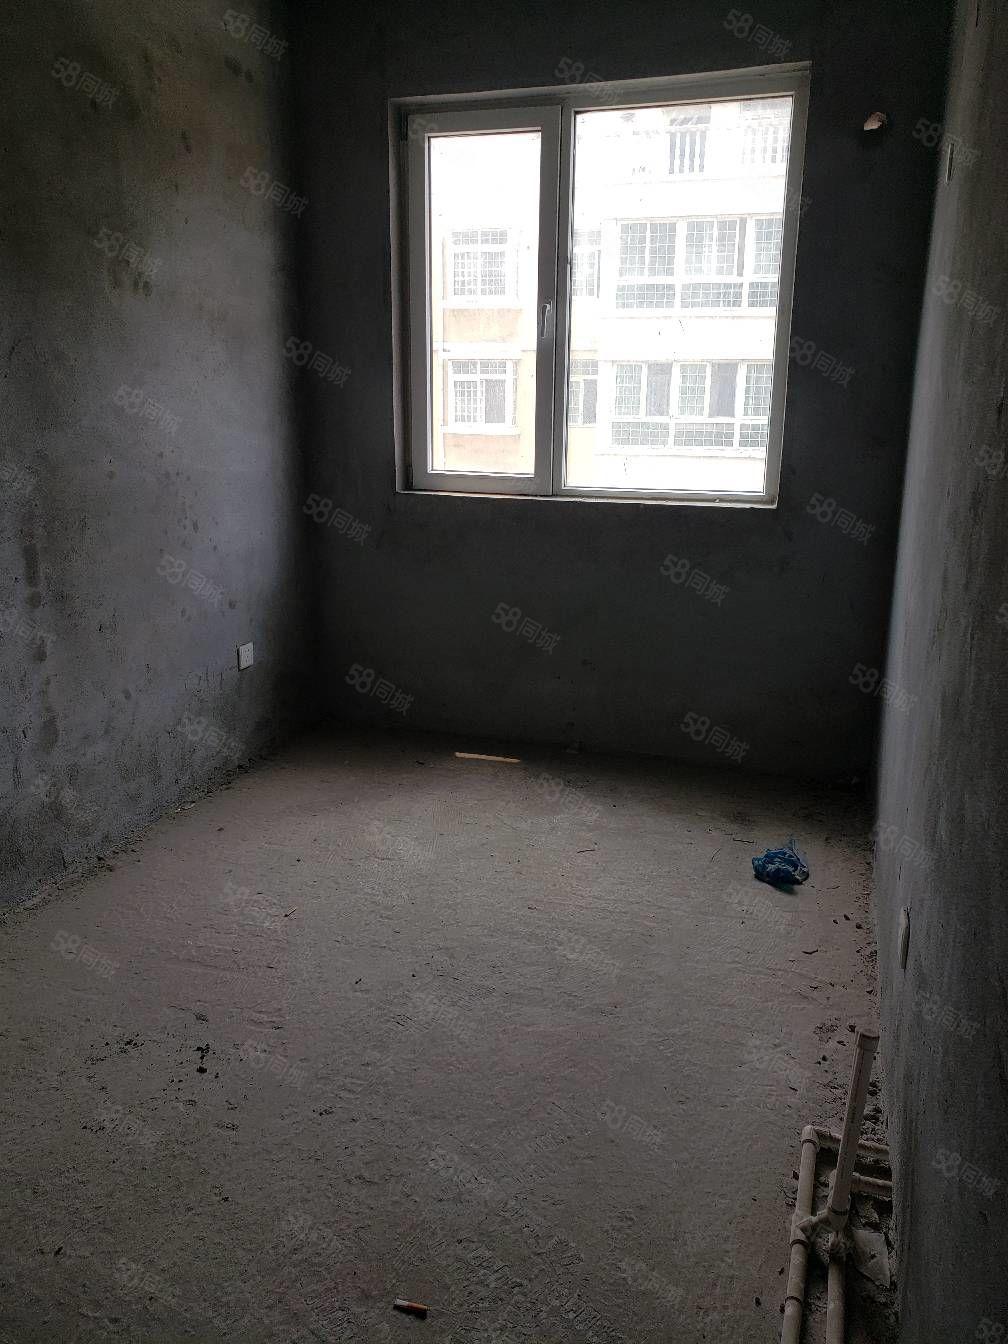 尚東小戶型兩室電梯房五樓毛坯房房產證已辦理